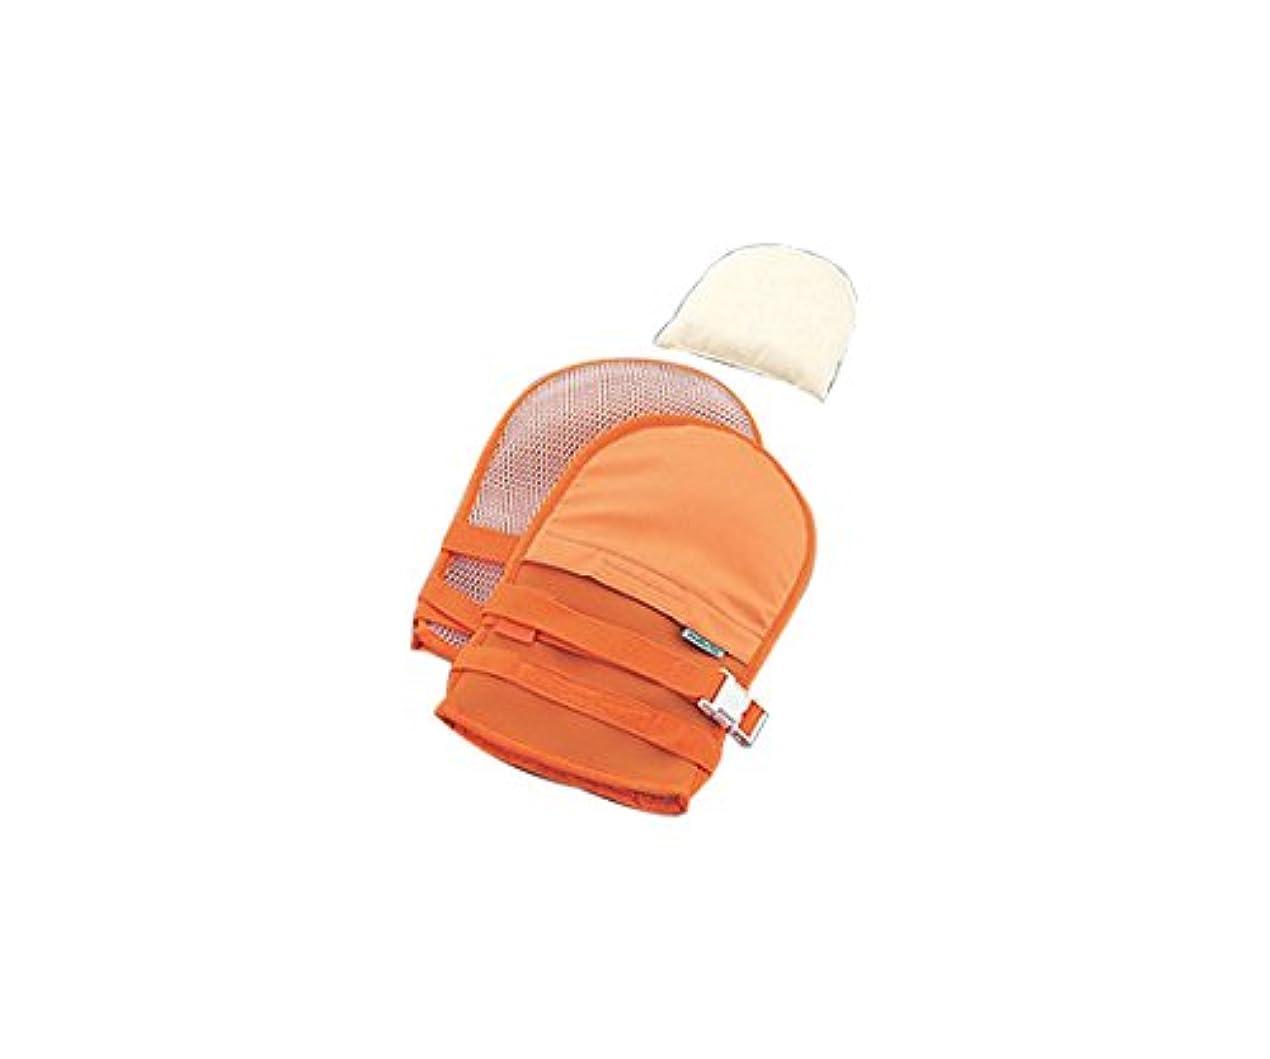 ピケ元気大きさナビス(アズワン)0-1638-43抜管防止手袋小メッシュオレンジ